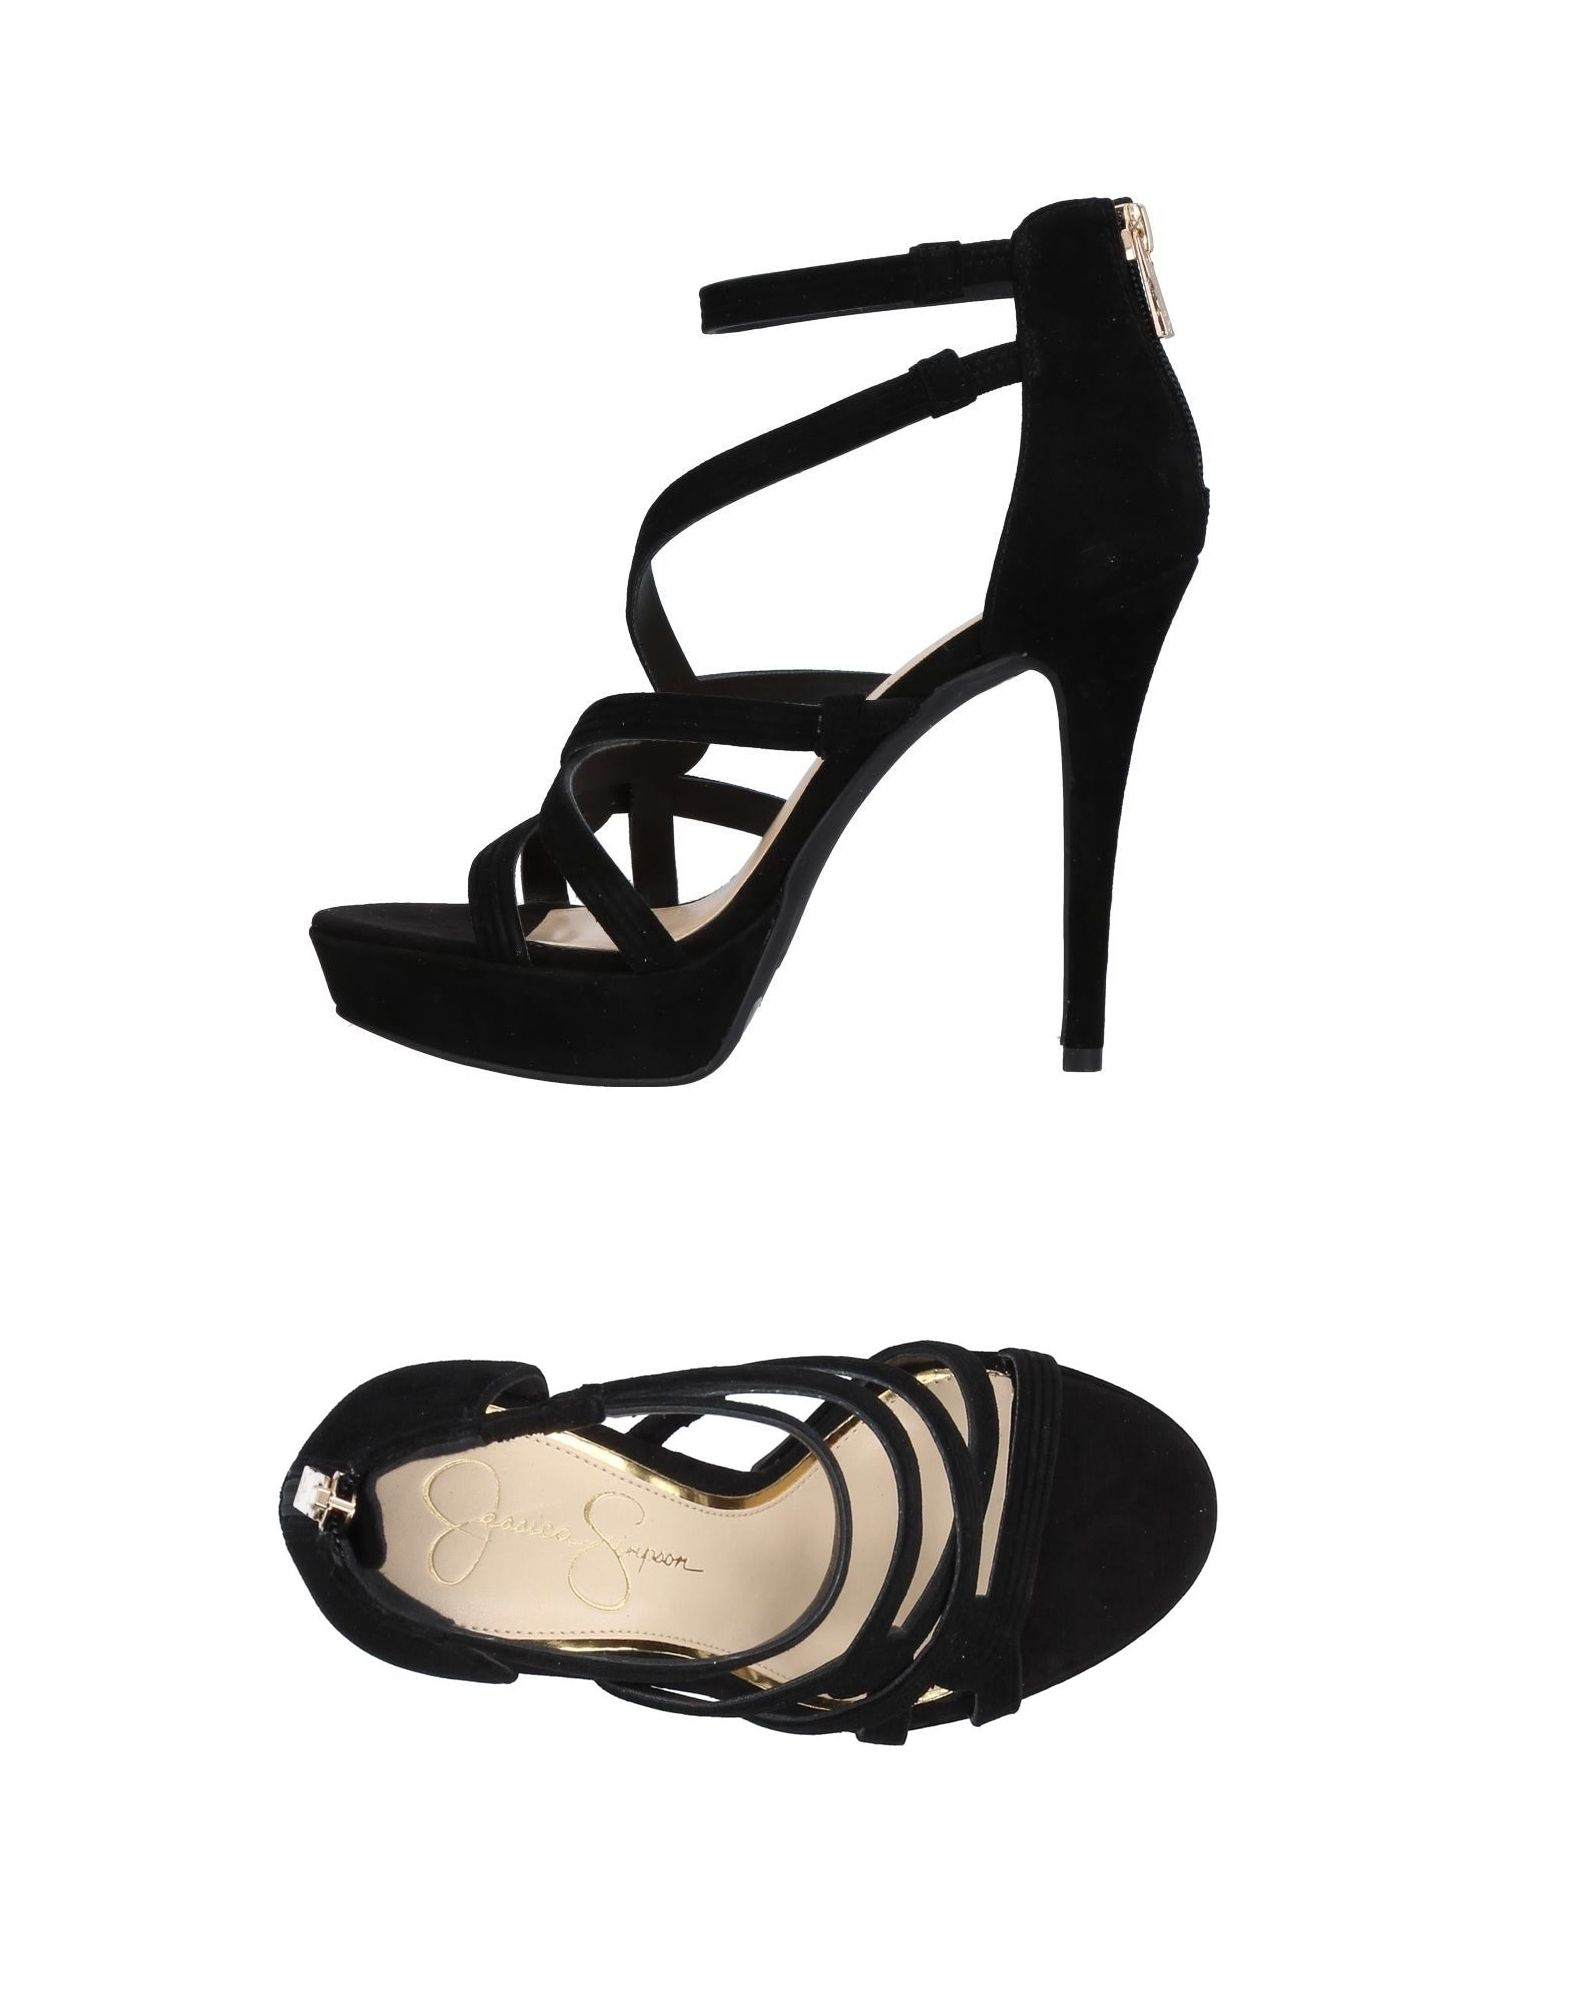 Jessica Simpson Sandalen Damen  11404576KW Gute Qualität beliebte Schuhe